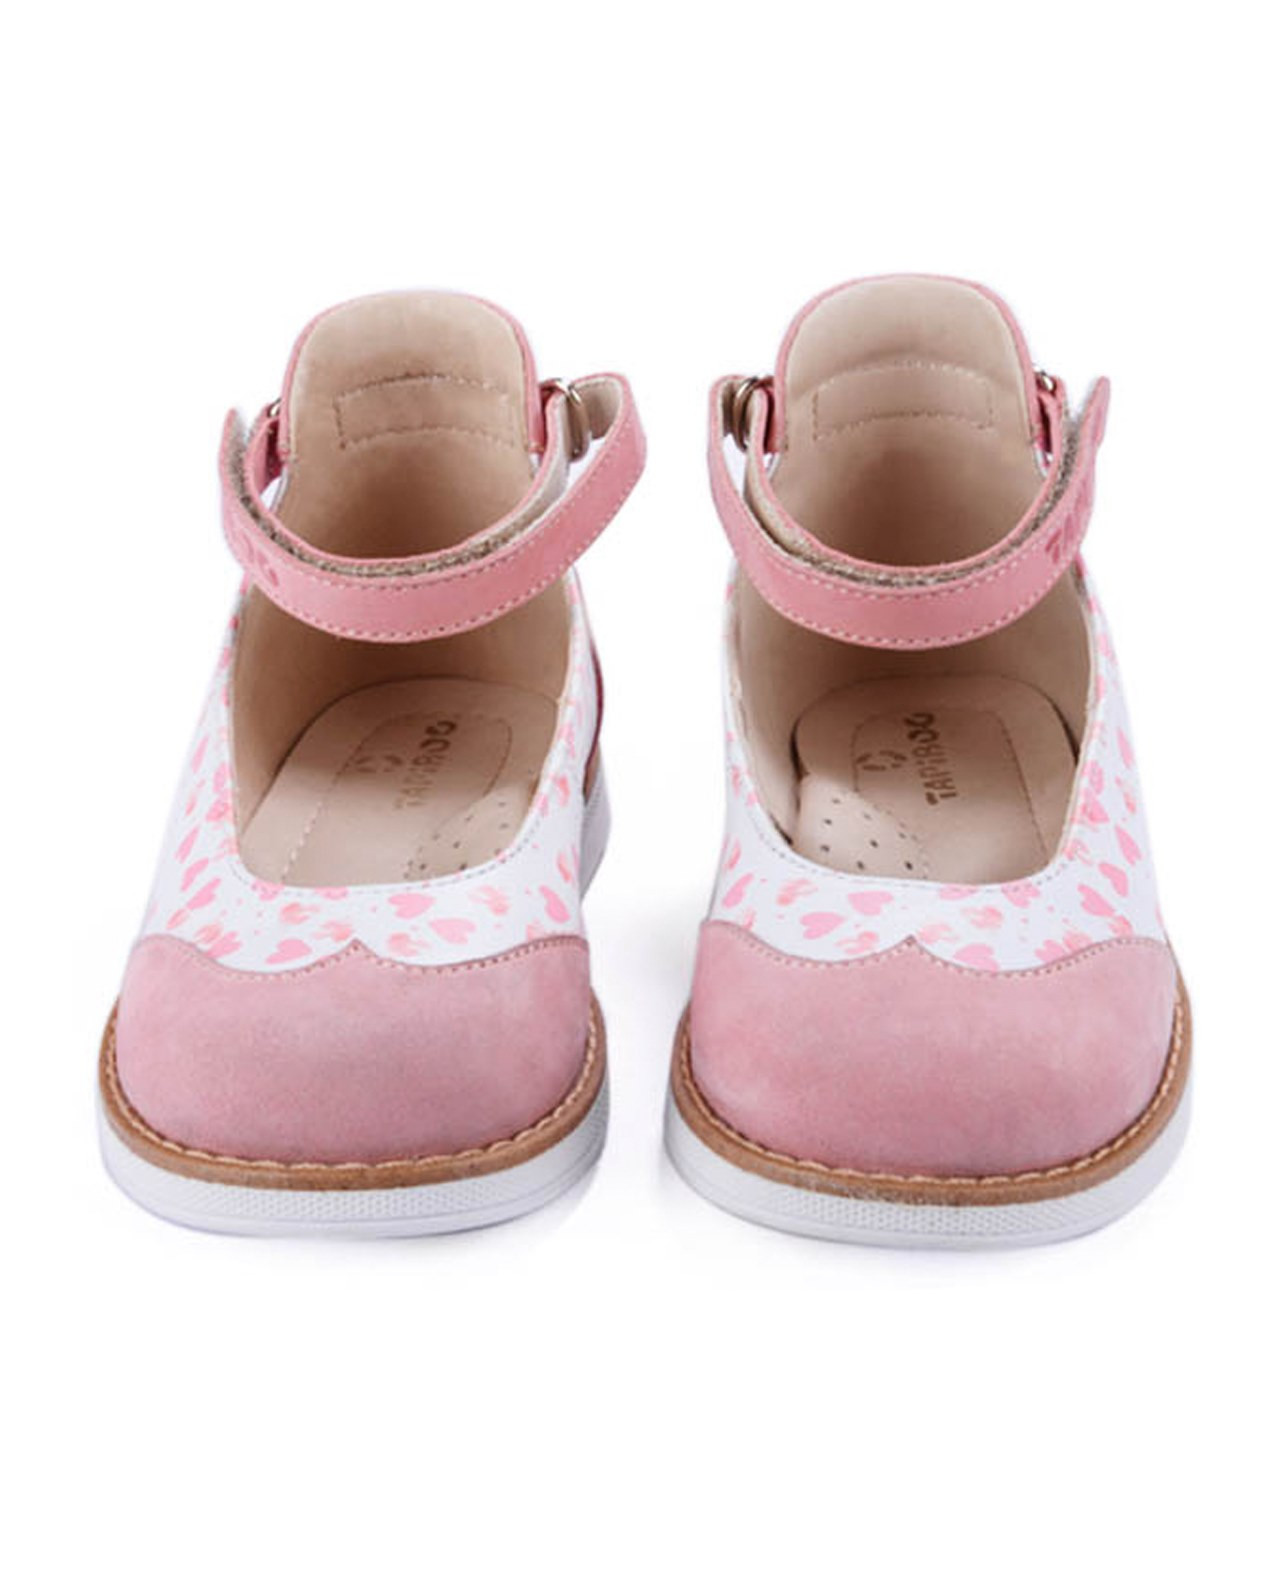 Туфли Детские, Tapiboo Мэри Джейн (38909, 25 )Туфли<br>Яркая и элегантная модель для девочек с <br>оригинальными принтами. Широкий, устойчивый <br>каблук, специальной конфигурации «каблук <br>Томаса». Каблук продлен с внутренней стороны <br>до середины стопы, чтобы исключить вращение <br>(заваливание) стопы вовнутрь (пронационный <br>компонент деформации, так называемая косолапость, <br>или вальгусная деформация). Многослойная, <br>анатомическая стелька со сводоподдерживающим <br>элементом для правильного формирования <br>стопы. Благодаря использованию современных <br>внутренних материалов позволяет оптимально <br>распределить нагрузку по всей площади стопы <br>и свести к минимуму ее ударную составляющую. <br>Жесткий фиксирующий задник с удлиненным <br>«крылом» надежно стабилизирует голеностопный <br>сустав во время ходьбы, препятствуя развитию <br>патологических изменений стопы. Упругая, <br>умеренно-эластичная подошва, имеющая перекат <br>позволяющий повторить естественное движение <br>стопы при ходьбе для правильного распределения <br>нагрузки на опорно-двигательный аппарат <br>ребенка. Подкладка из кожи теленка обладает <br>повышенной износостойкост<br>Размер INT: M; Цвет: Красный; Ширина: 100; Высота: 200; Вес: 1000;